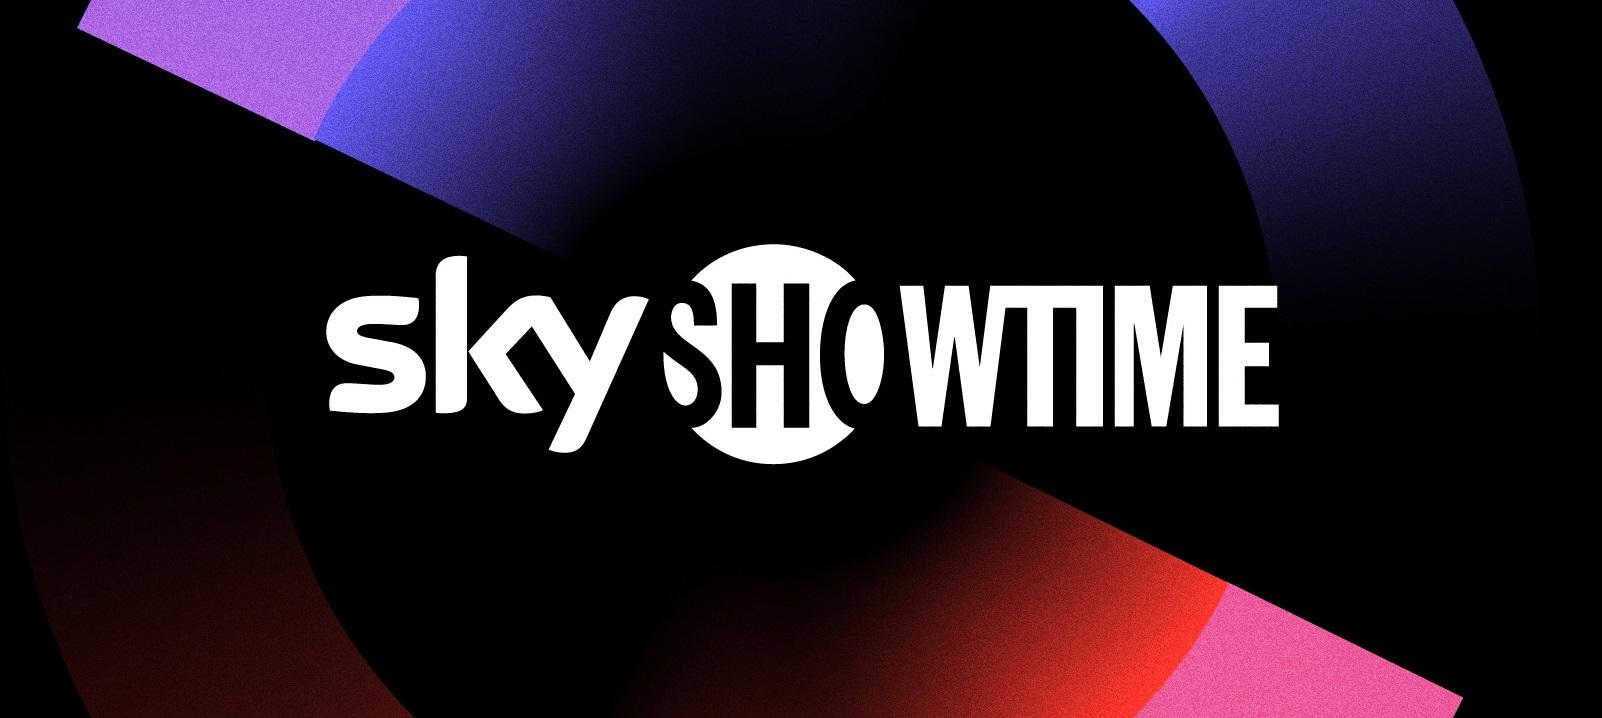 SkyShowtime - IP TV. SkyShowtime è il nuovo svod frutto della partnership tra Comcast e ViacomCBS